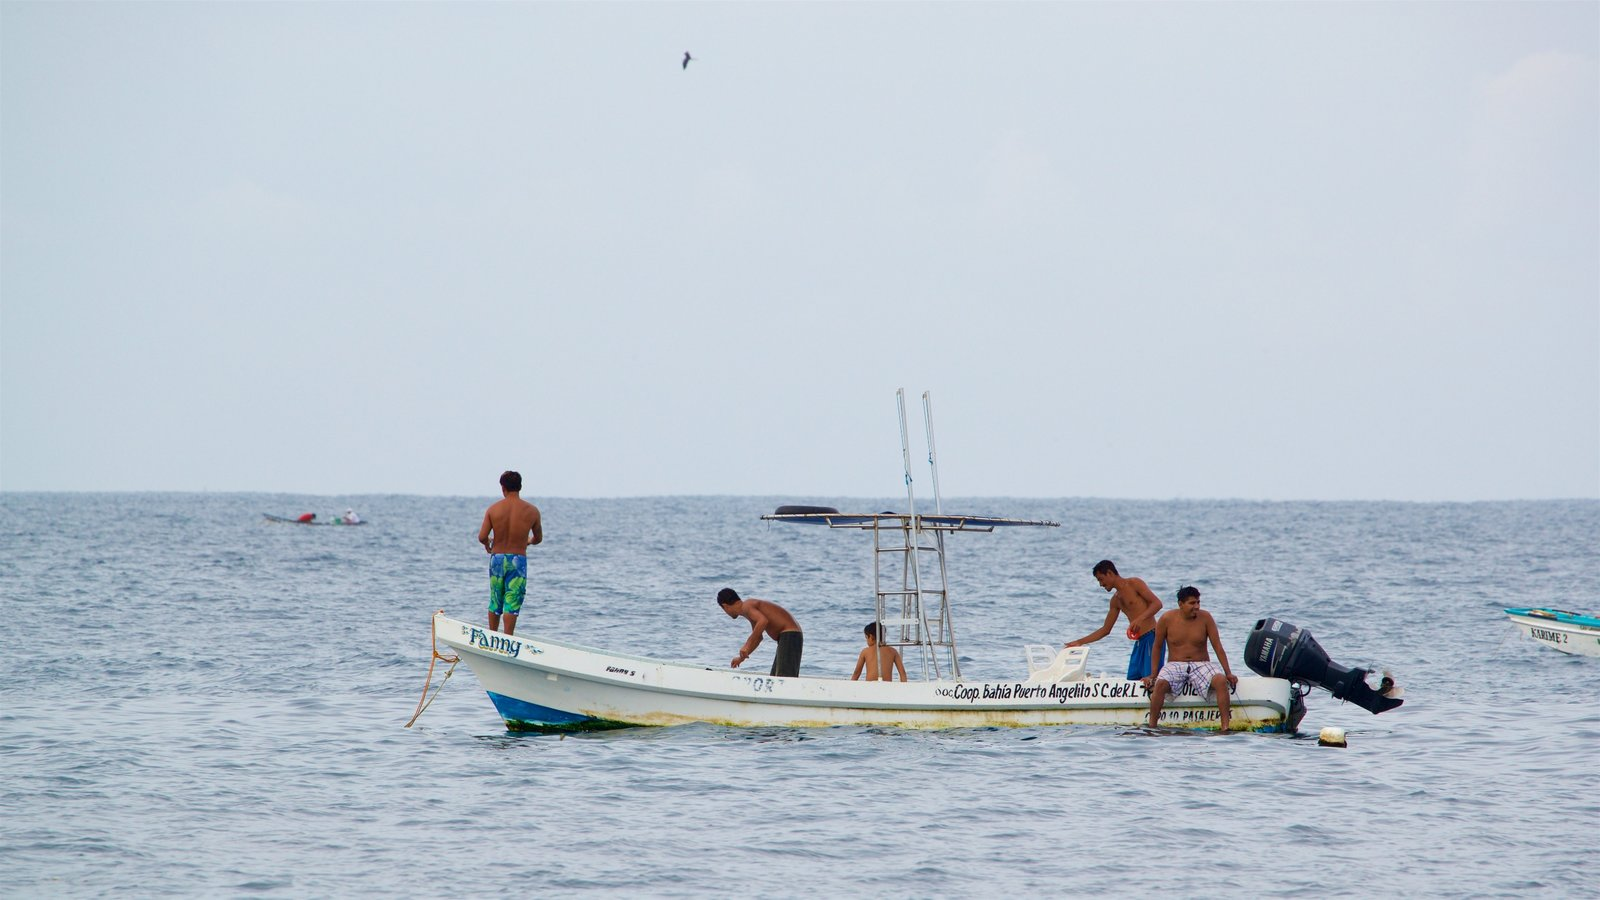 Playa Puerto Angelito que incluye paseos en lancha y también un pequeño grupo de personas